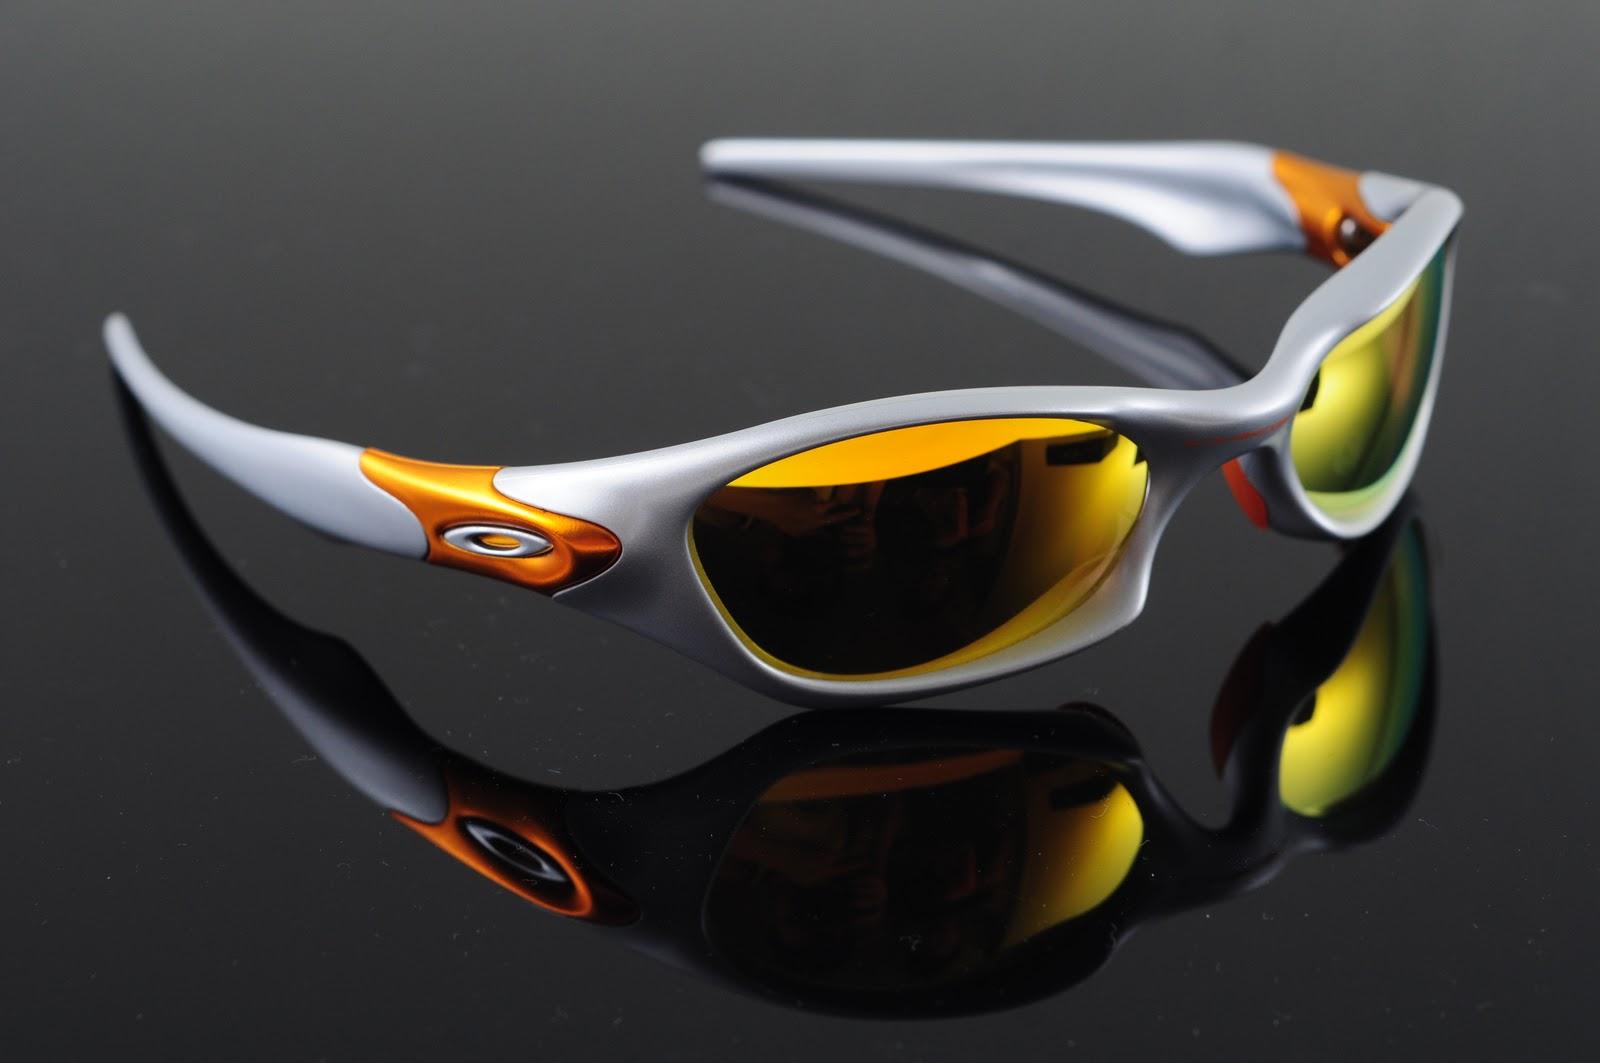 bc750e2a80 Oakley Valve Sunglasses Silver « Heritage Malta